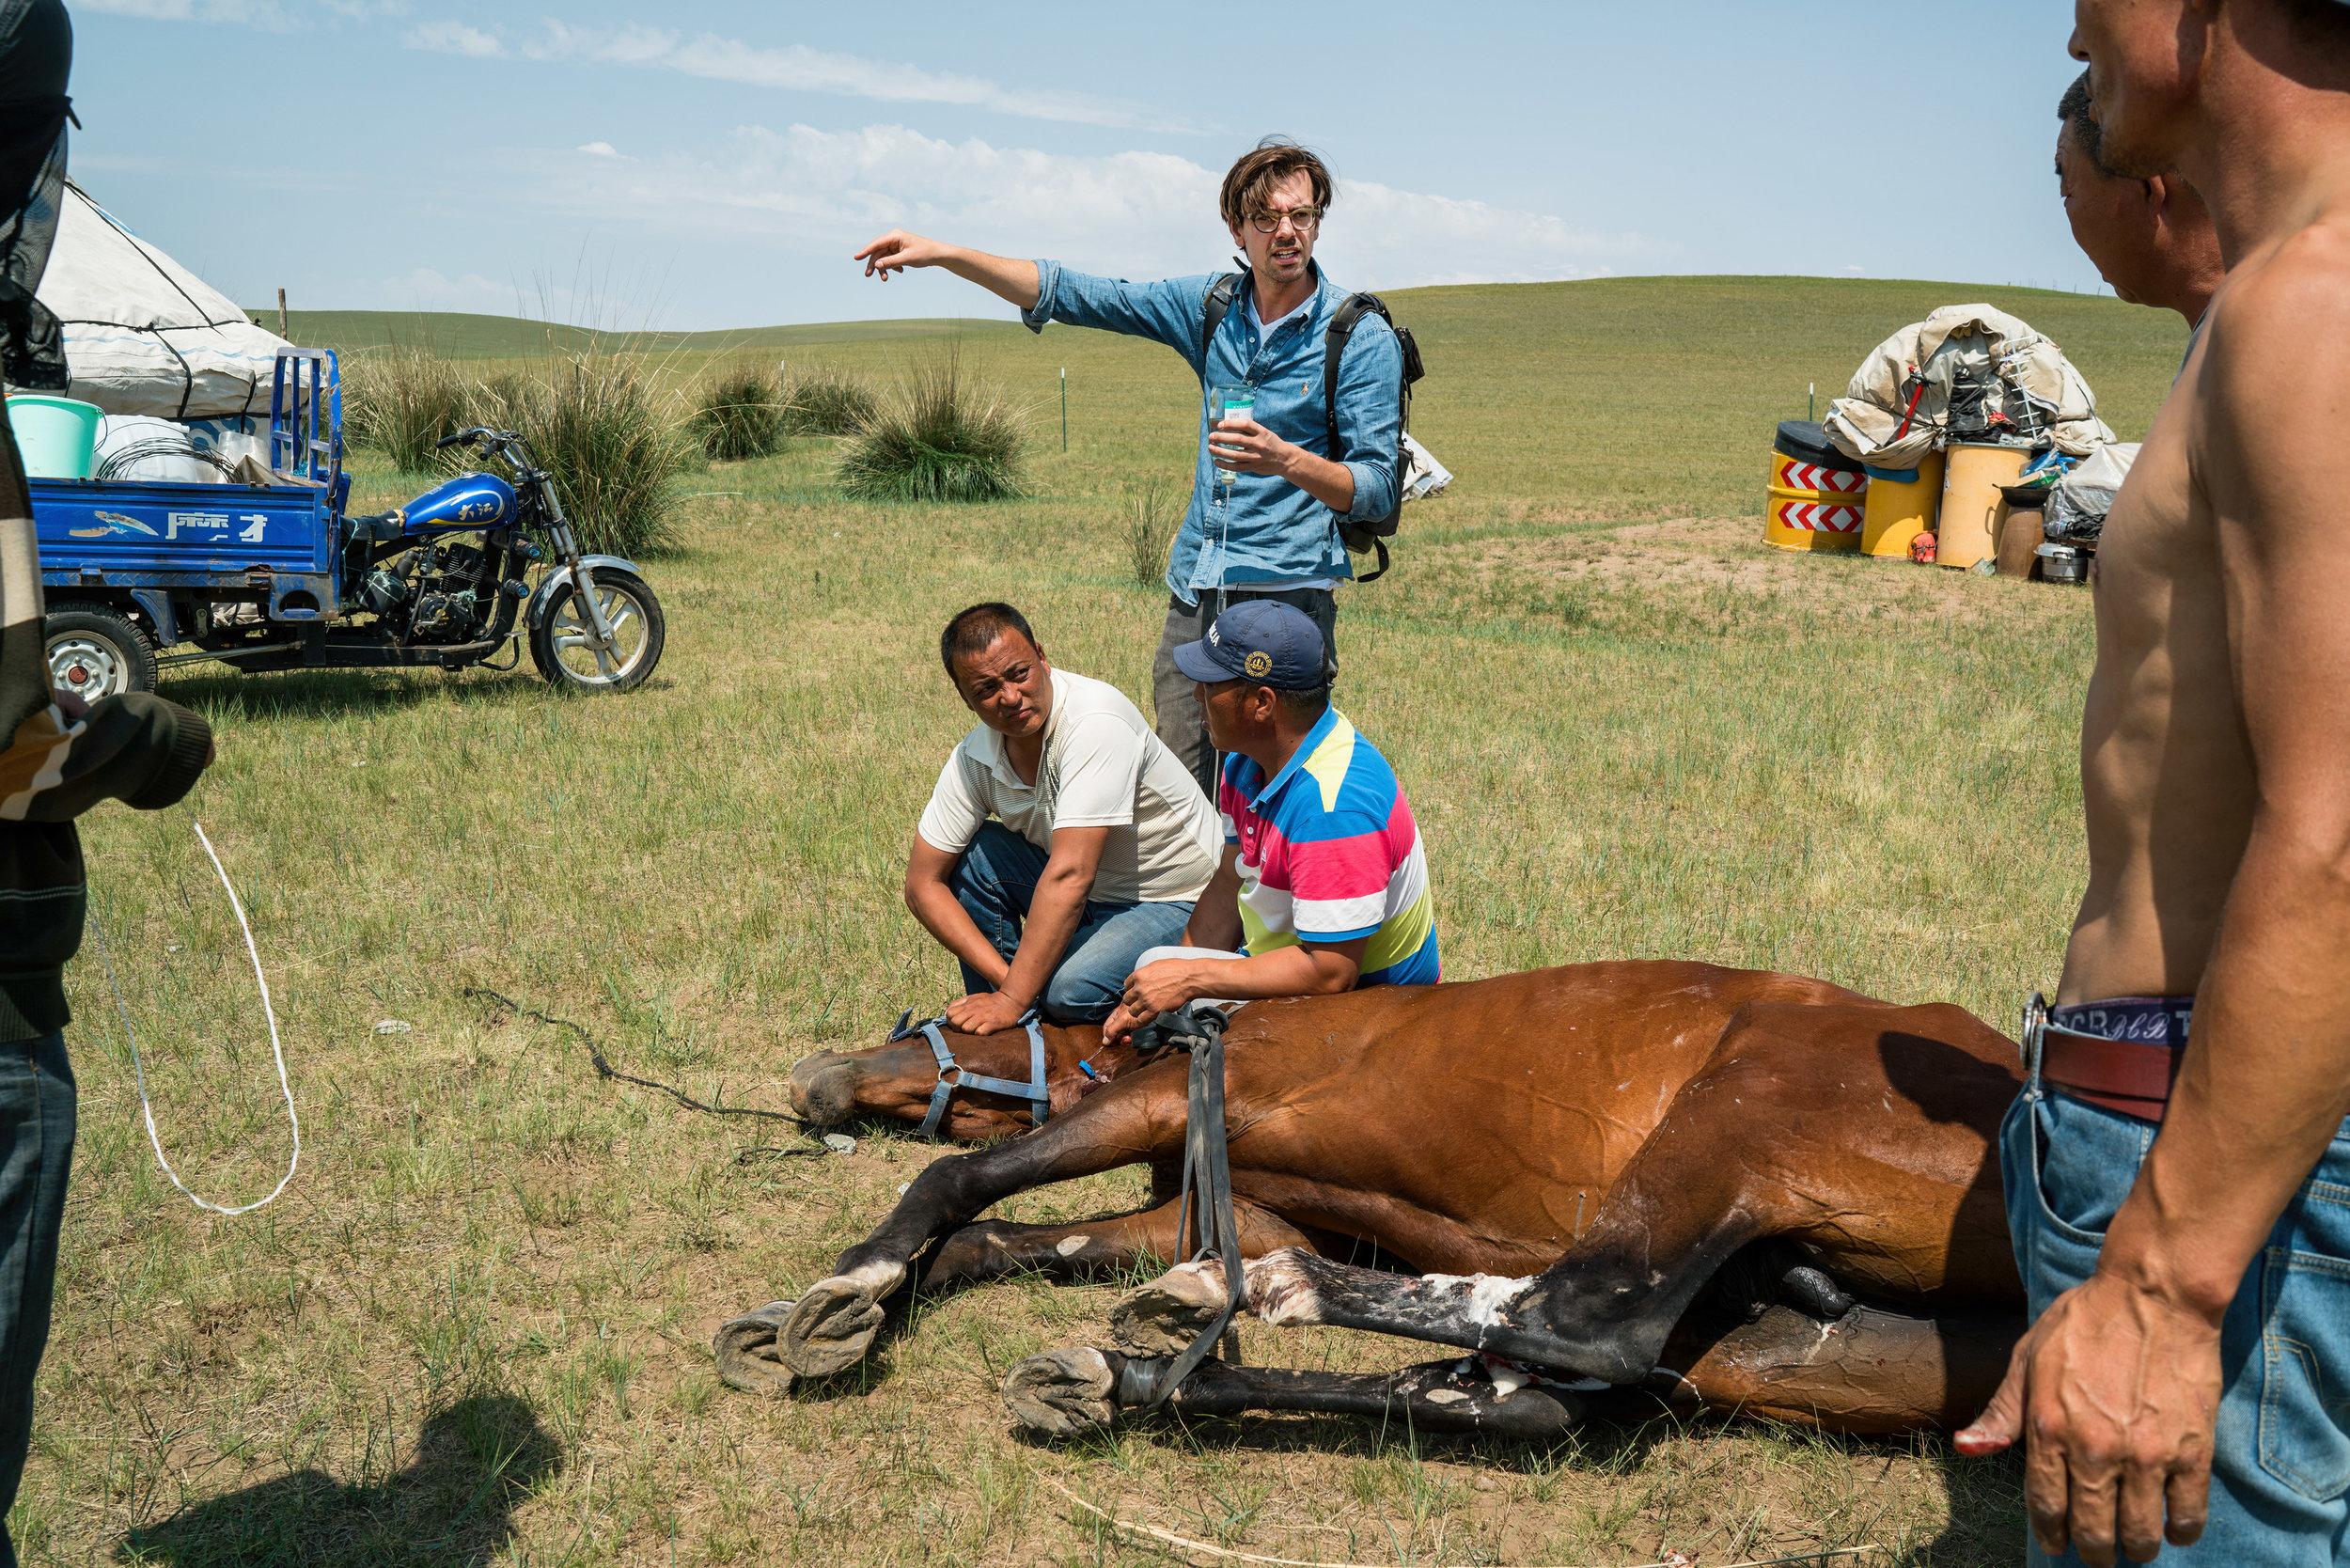 ©-Joost-van-Herwijnen---DHHVC---Ruben-aflevering-1--01---hechten-van-gewond-paard.jpg